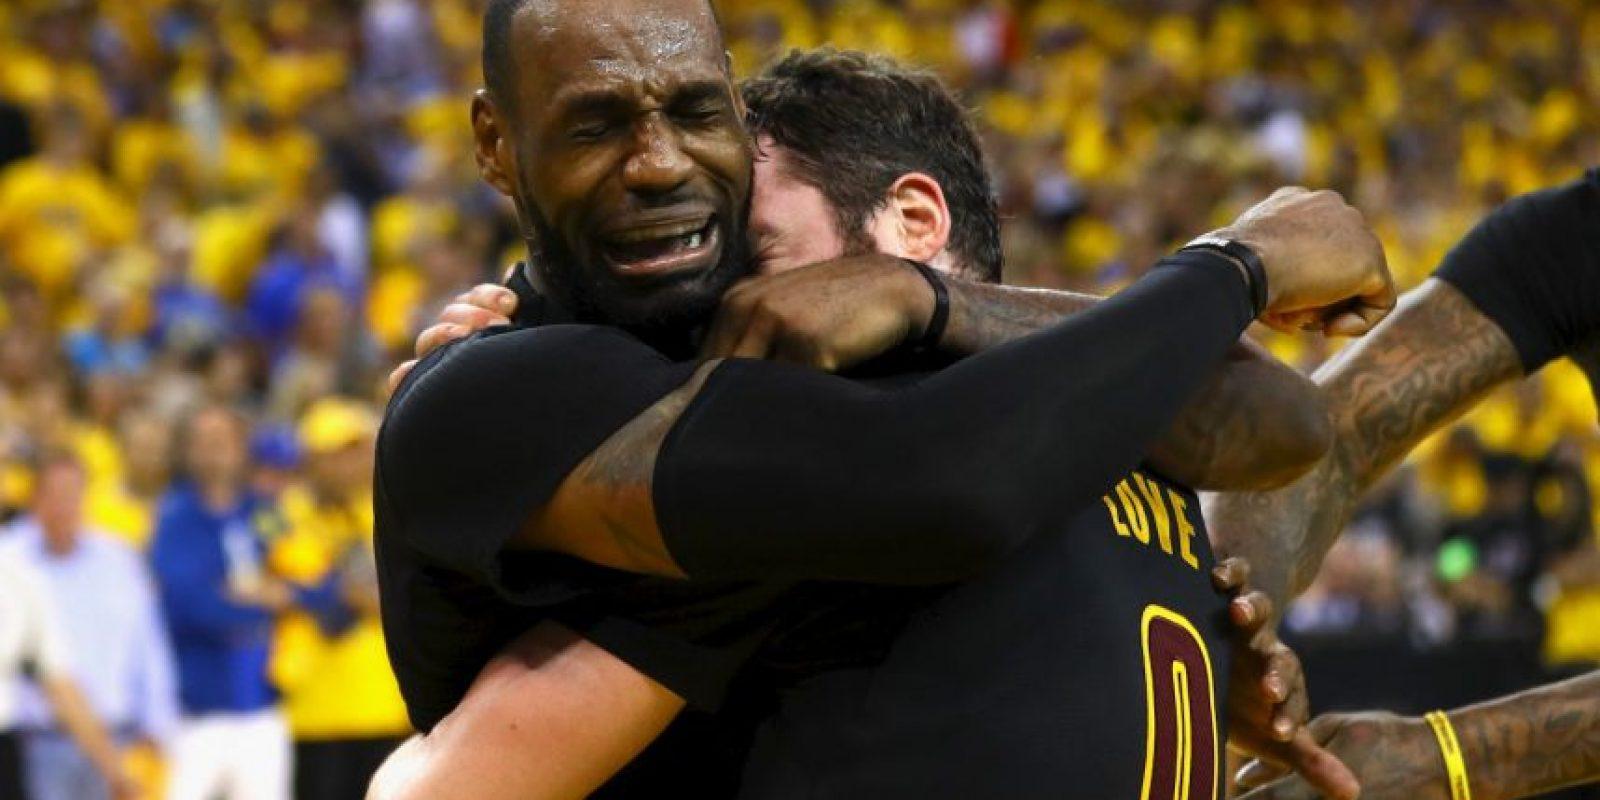 Luego de caer en la final de la temporada 2014/15, muchos pensaban que no tendría otra oportunidad Foto:Getty Images